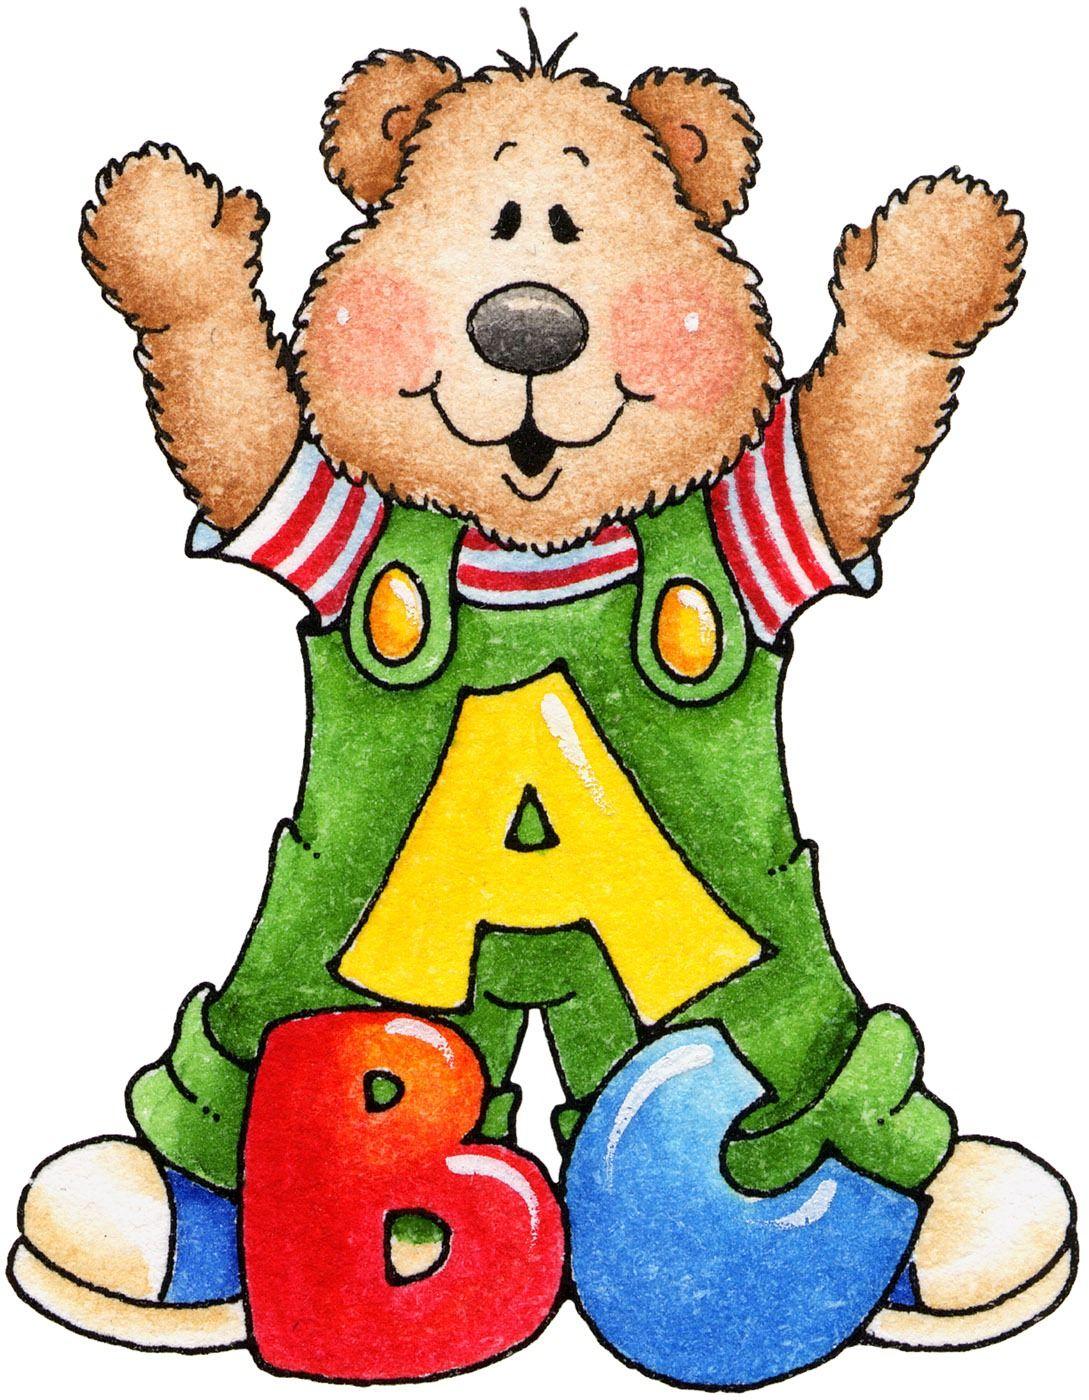 oso con letras | mara | Pinterest | Bären, Arbeitsblätter und Schule